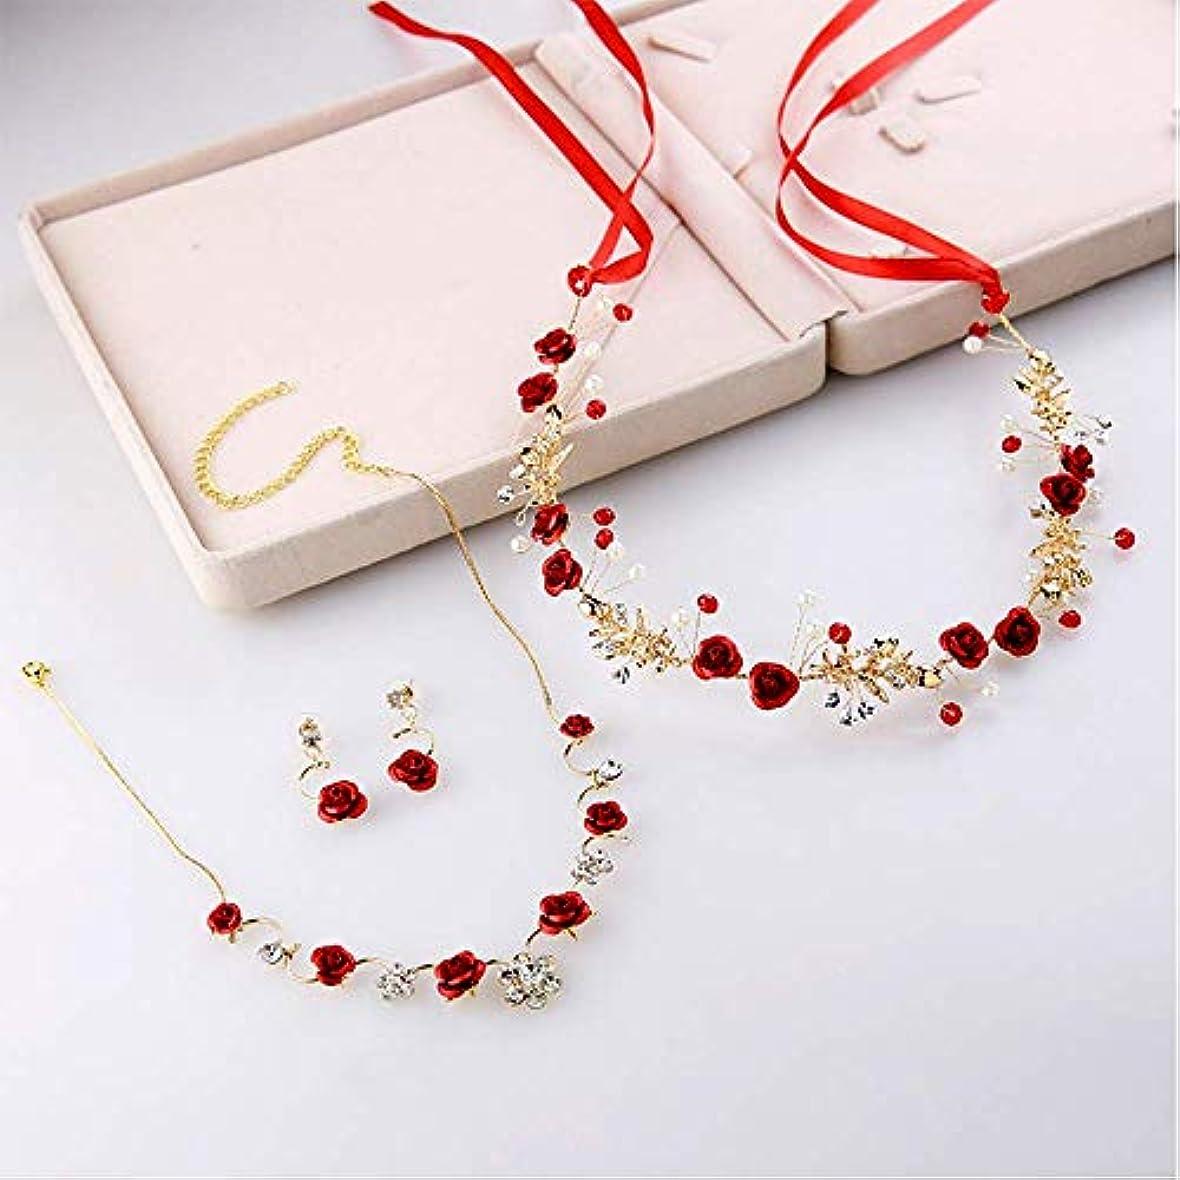 送った誇張リクルートブライダルティアラ中国の結婚式赤いバラの花シンプルなソフトチェーンジュエリートースト服アクセサリー